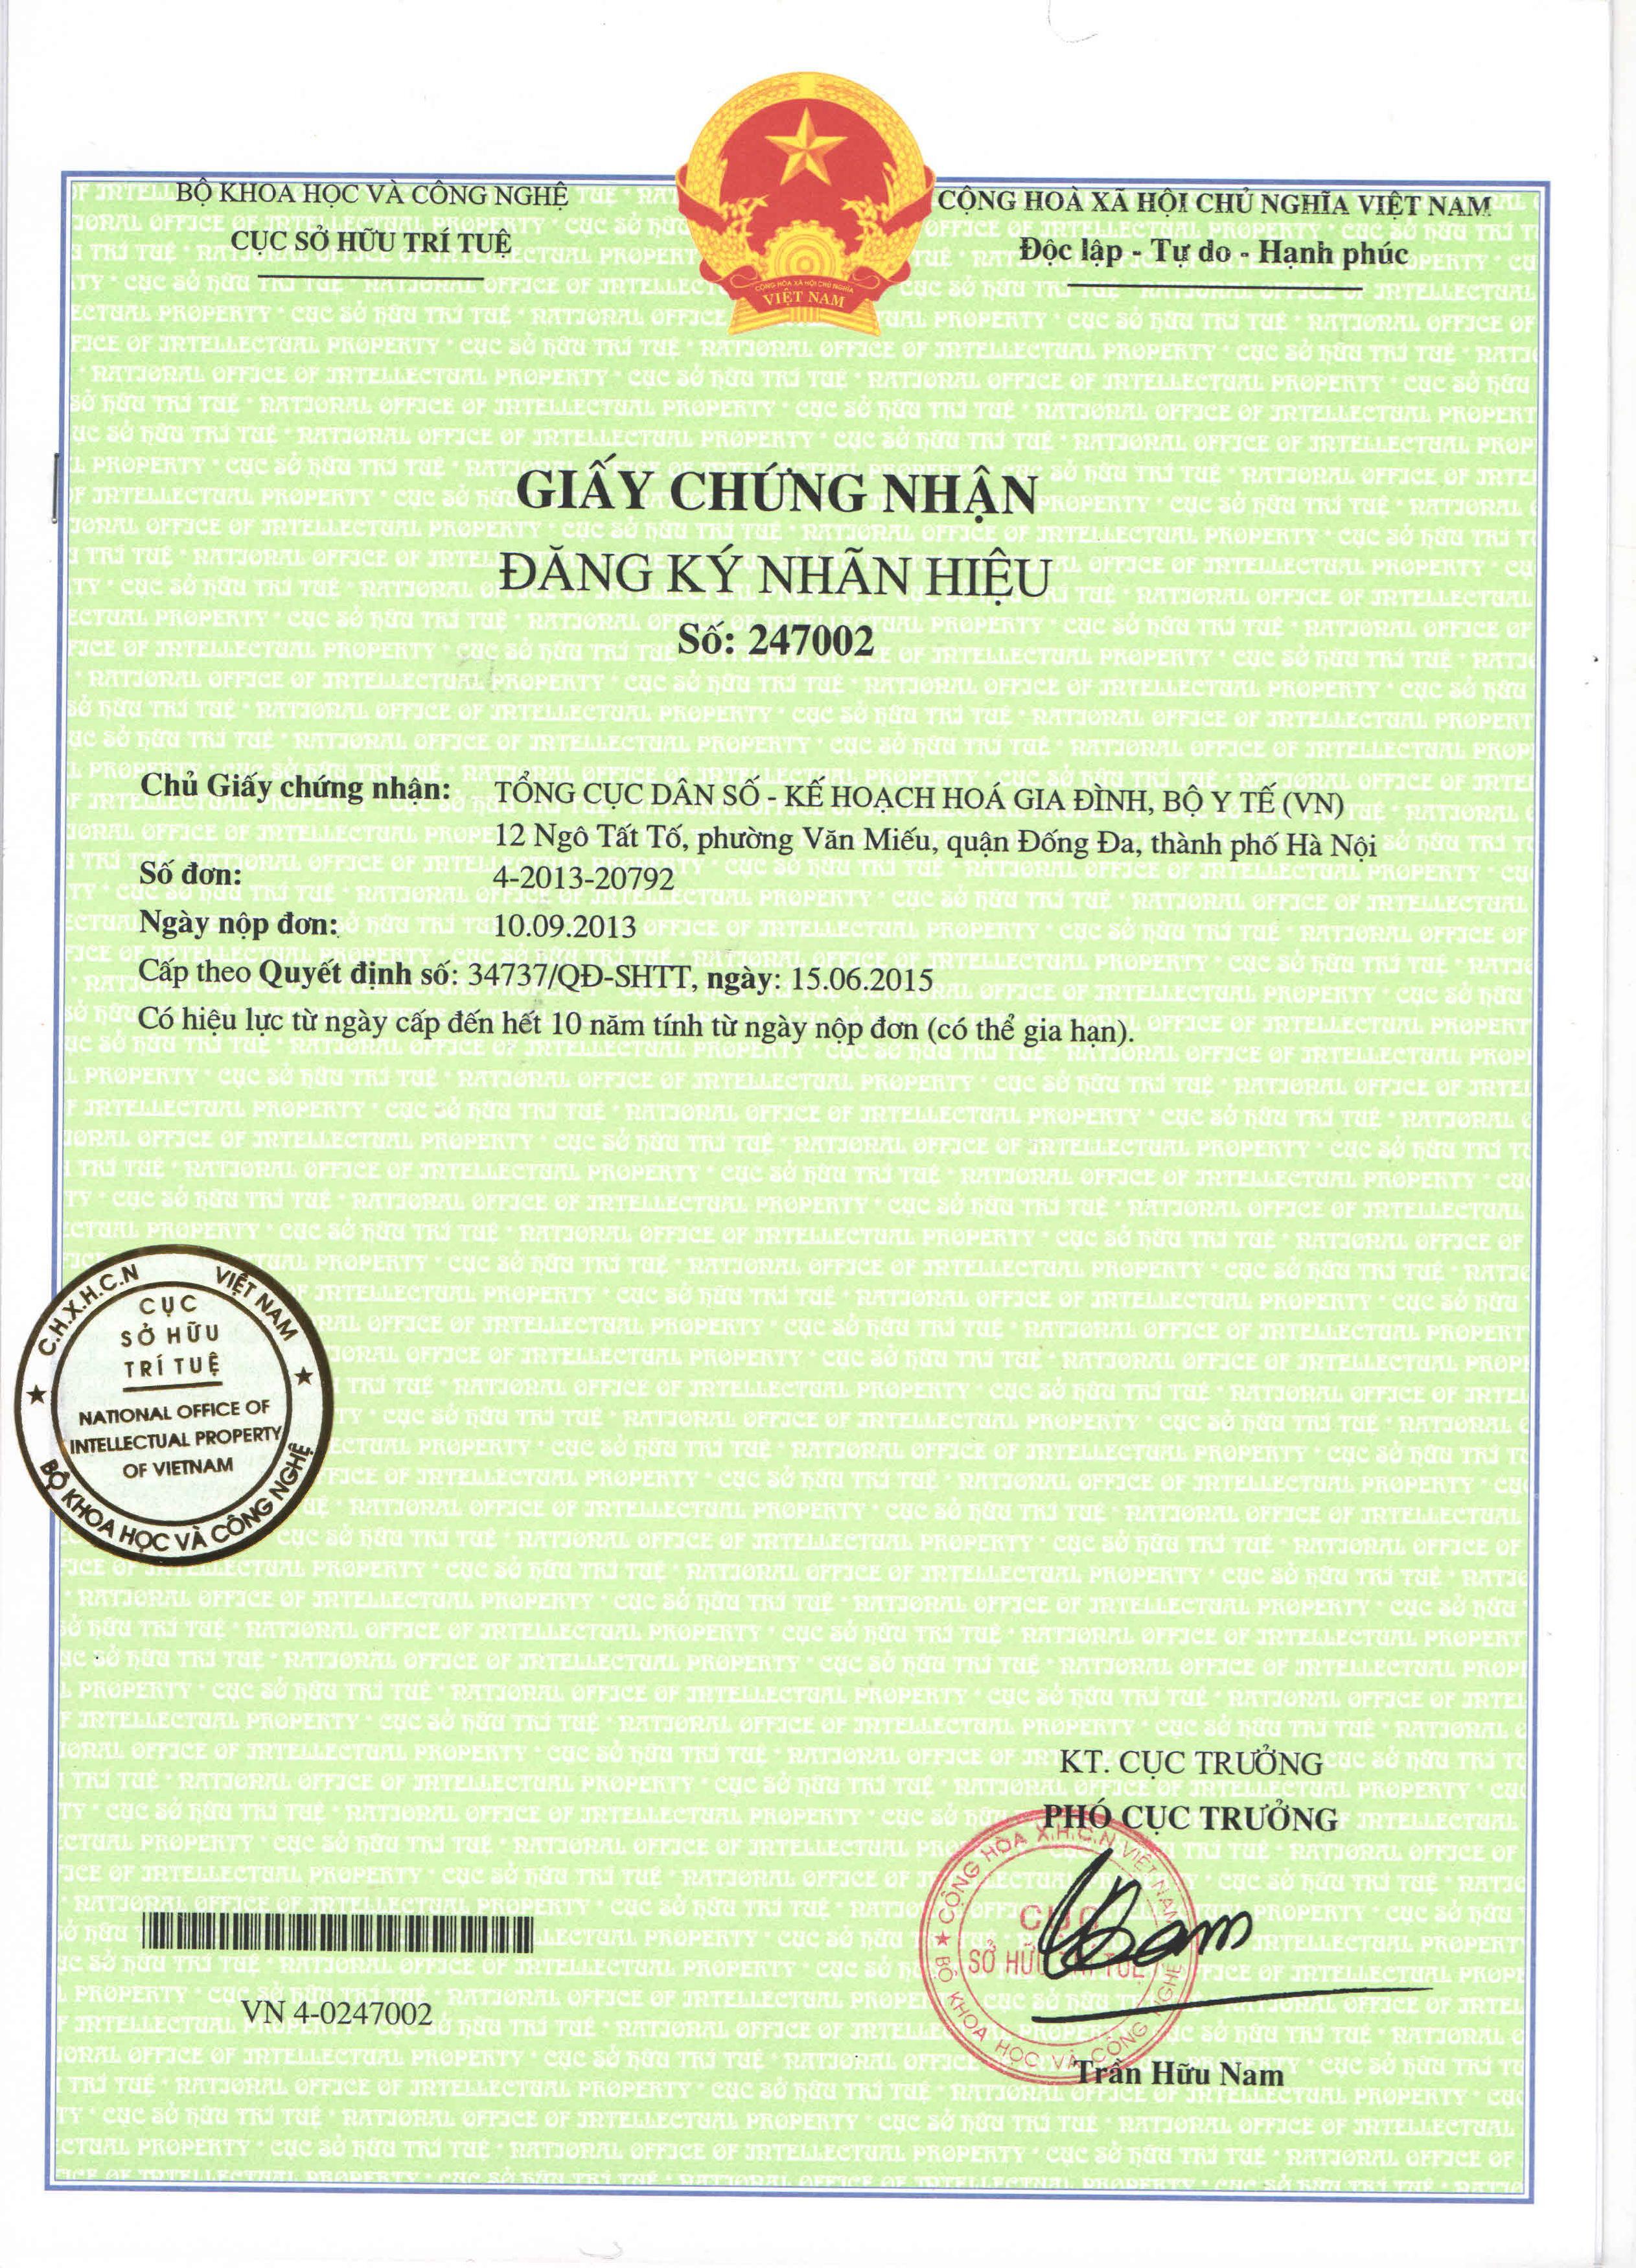 IDEAL_Giay chung nhan dang ky nhan hieu 247002_08072015-page-001